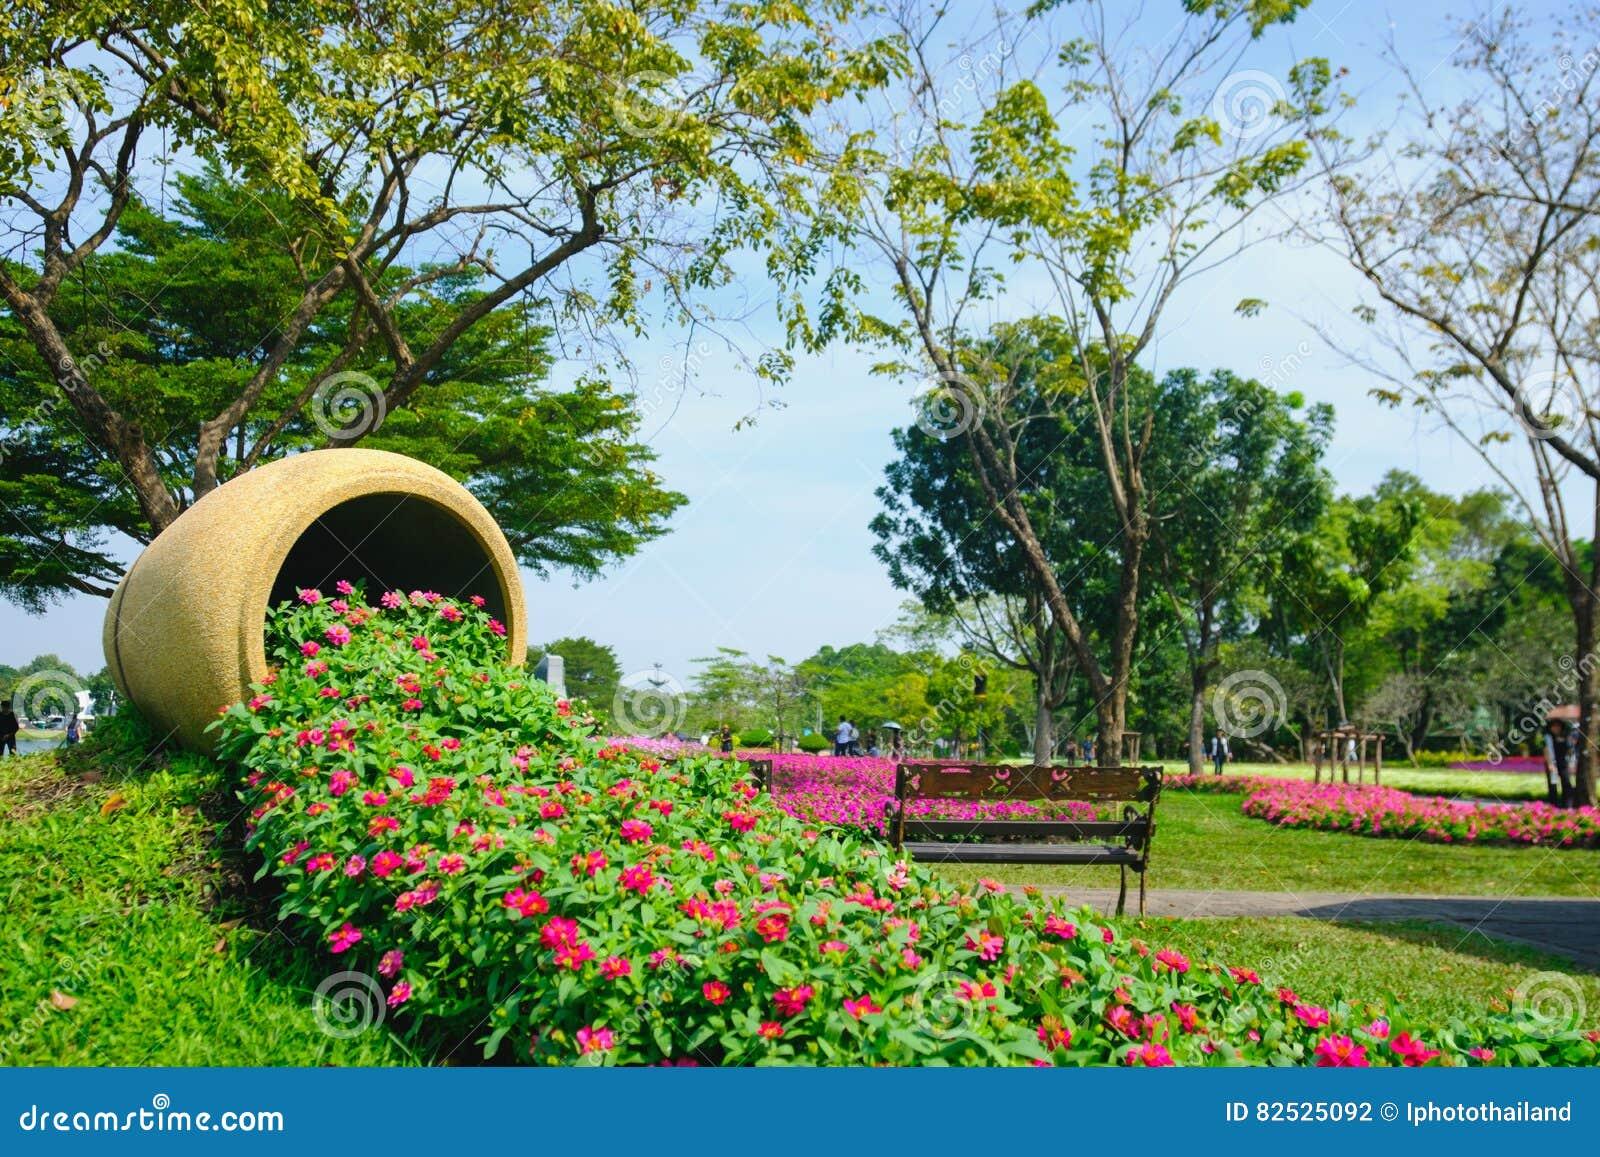 Piante Che Fioriscono Tutta Estate fiori che fioriscono in un campo durante l'estate con il